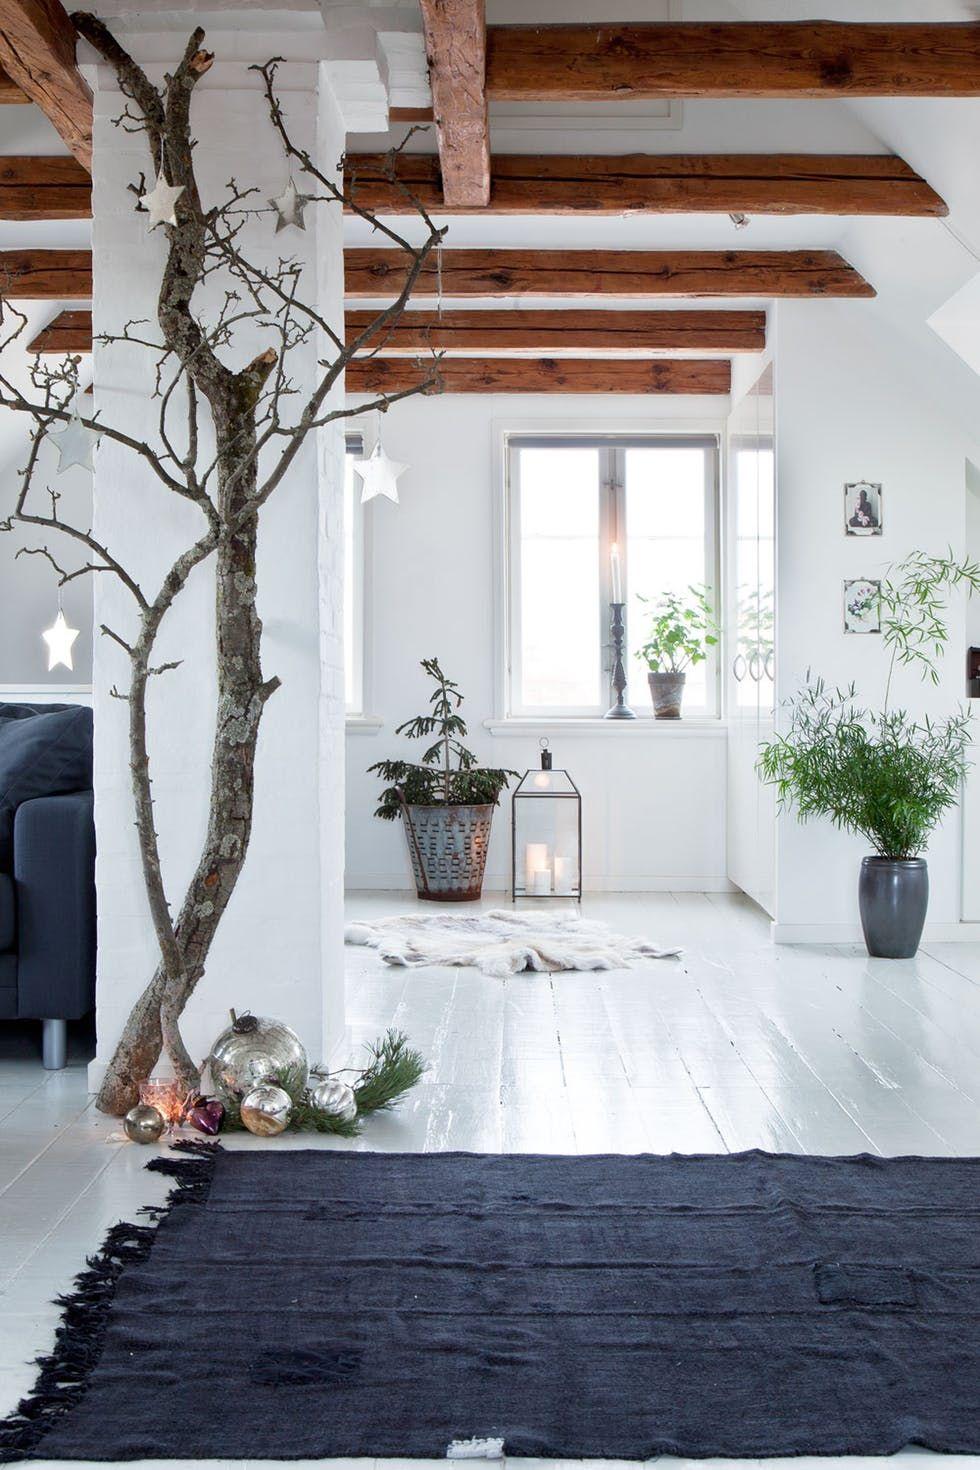 decoraciones advenimiento Nynordisk para el hogar | Boligpluss.no